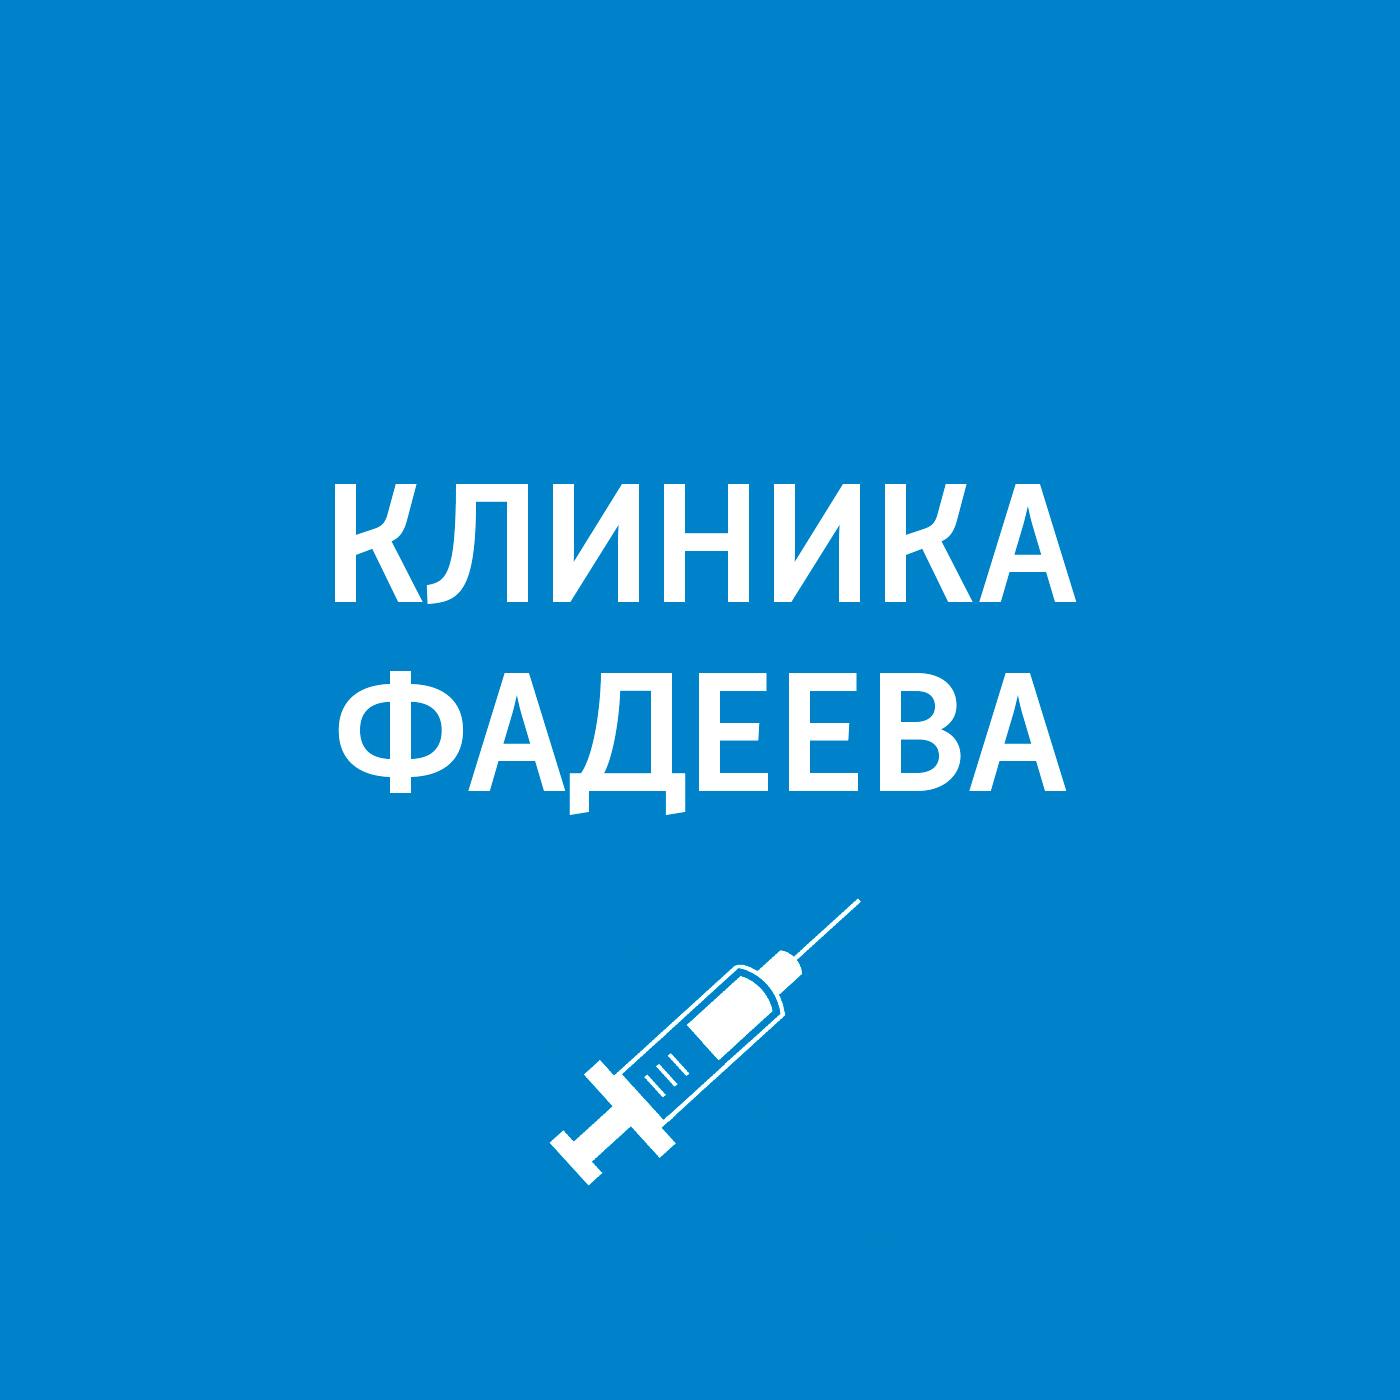 Пётр Фадеев Приём ведёт гепатолог. Вакцинация и печень вакцинация от клеща 2016